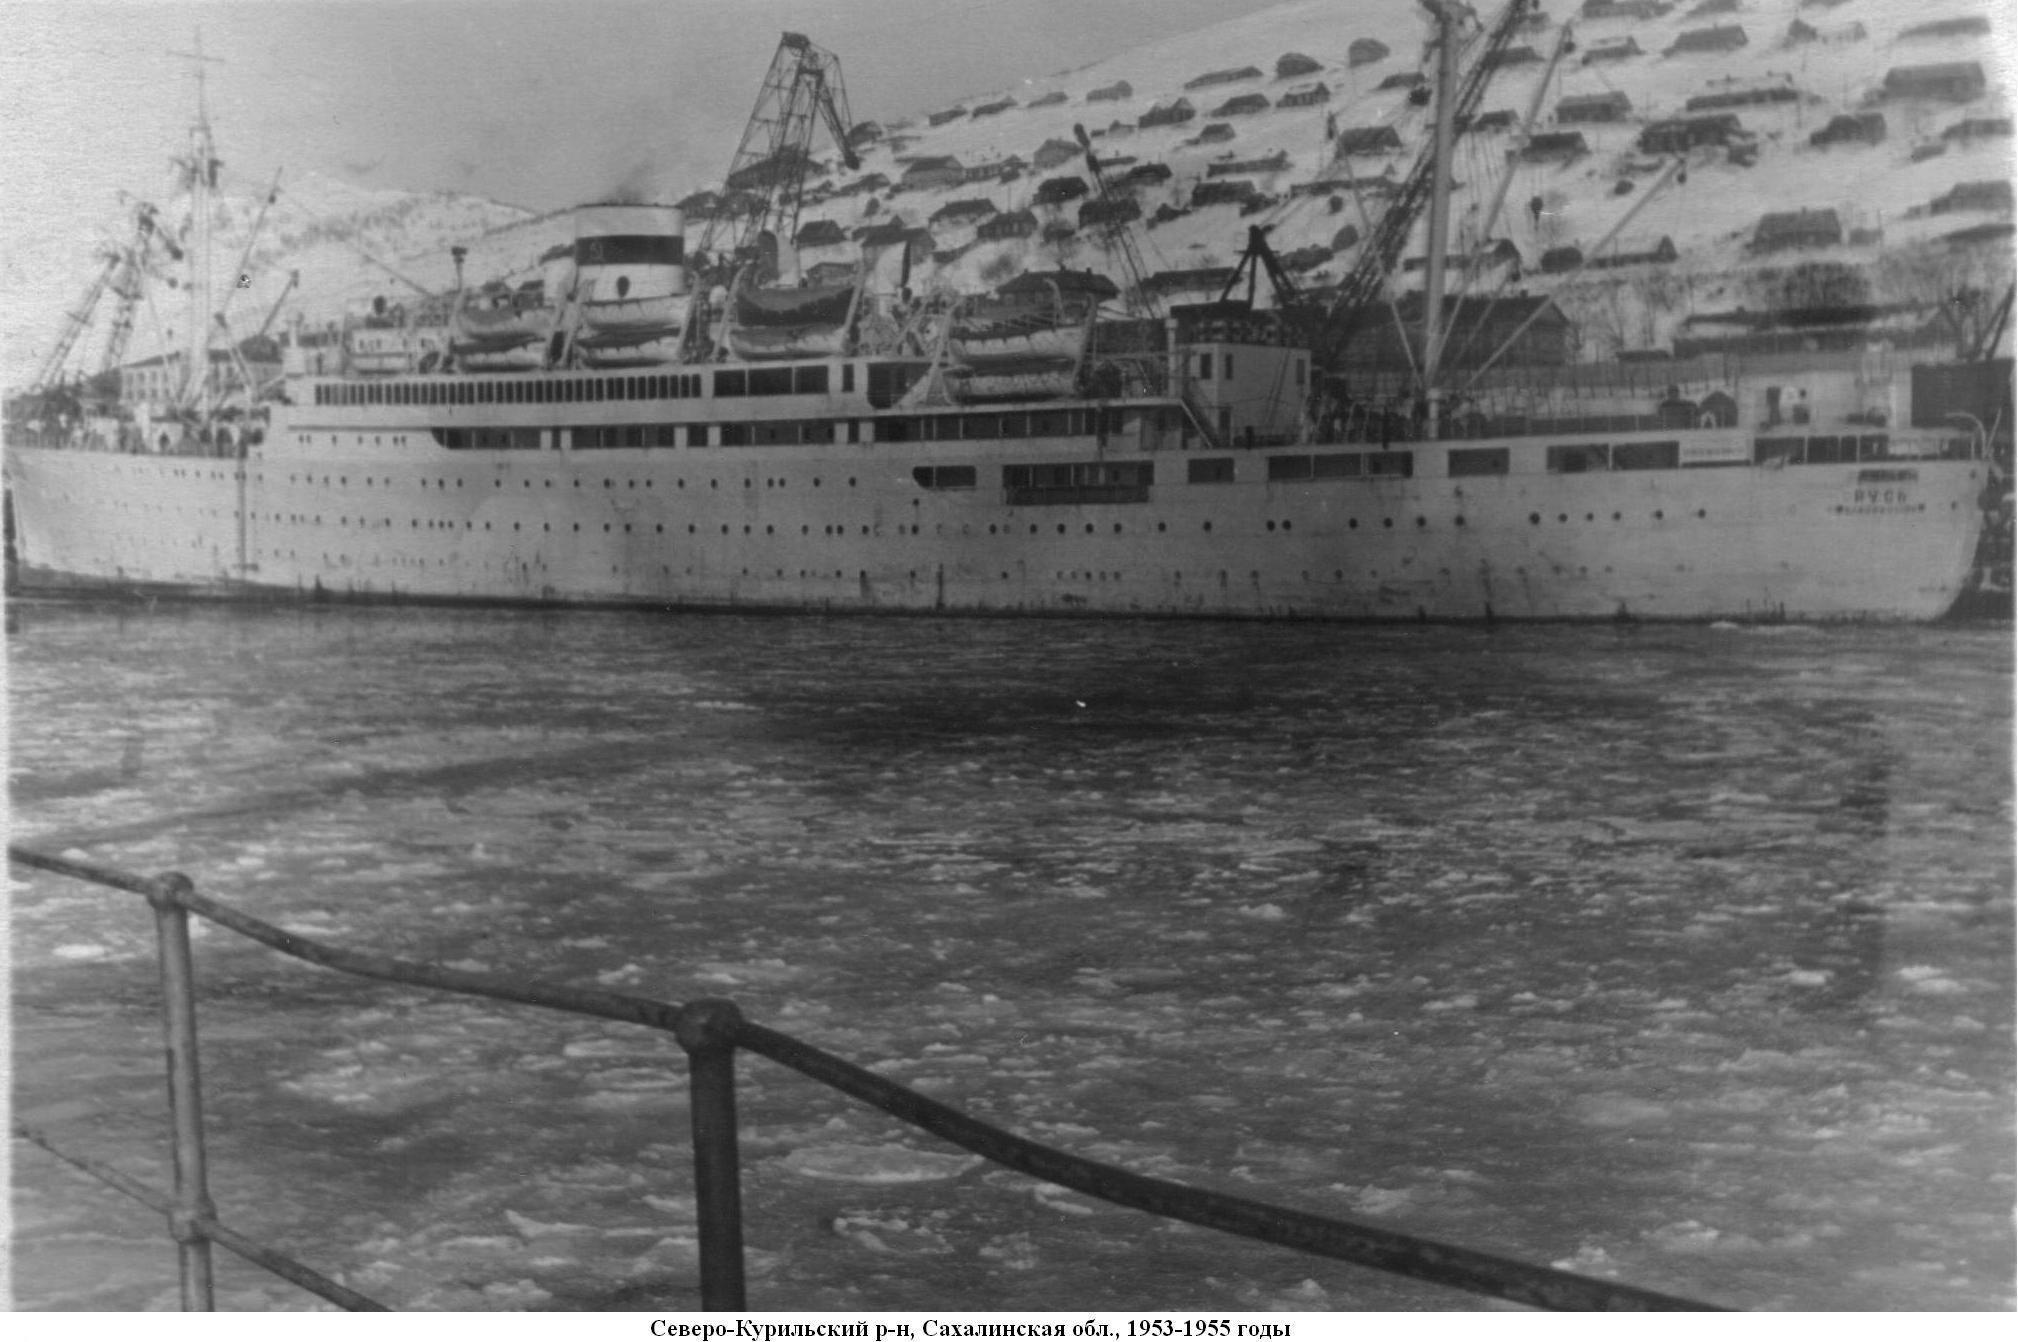 Это уже новый Северо-Курильск, на высоком месте. Старый городок стоял на низком берегу и был смыт цунами полностью 5 ноября 1952 года. Теплоход